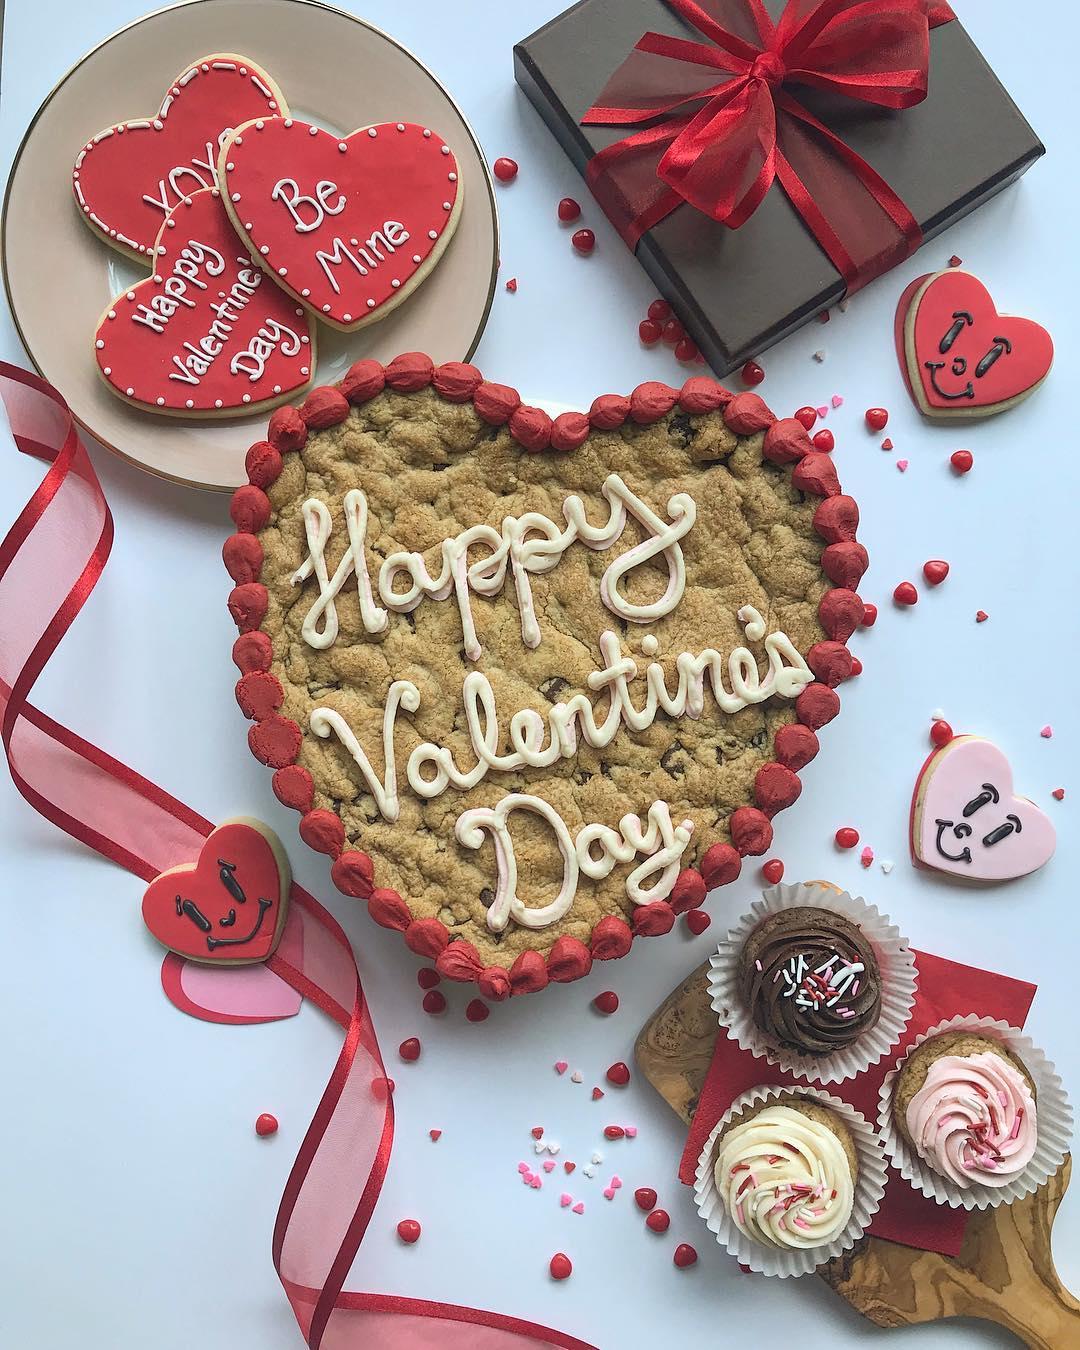 Sweet Flour Bake Shop valentine's day